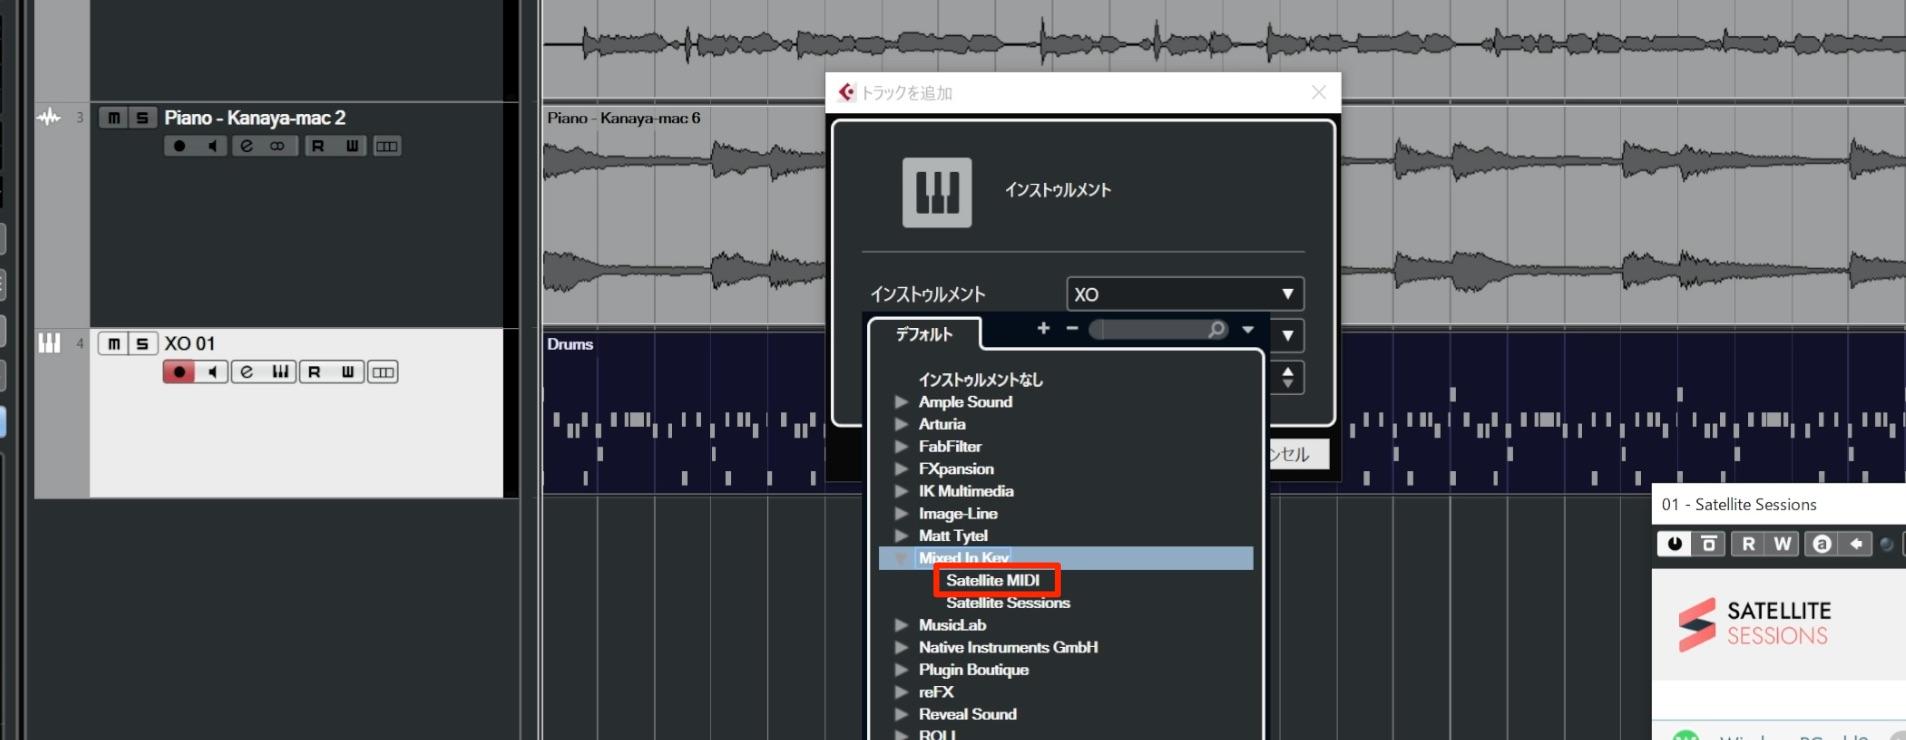 MIDI_Satellite_Sessions